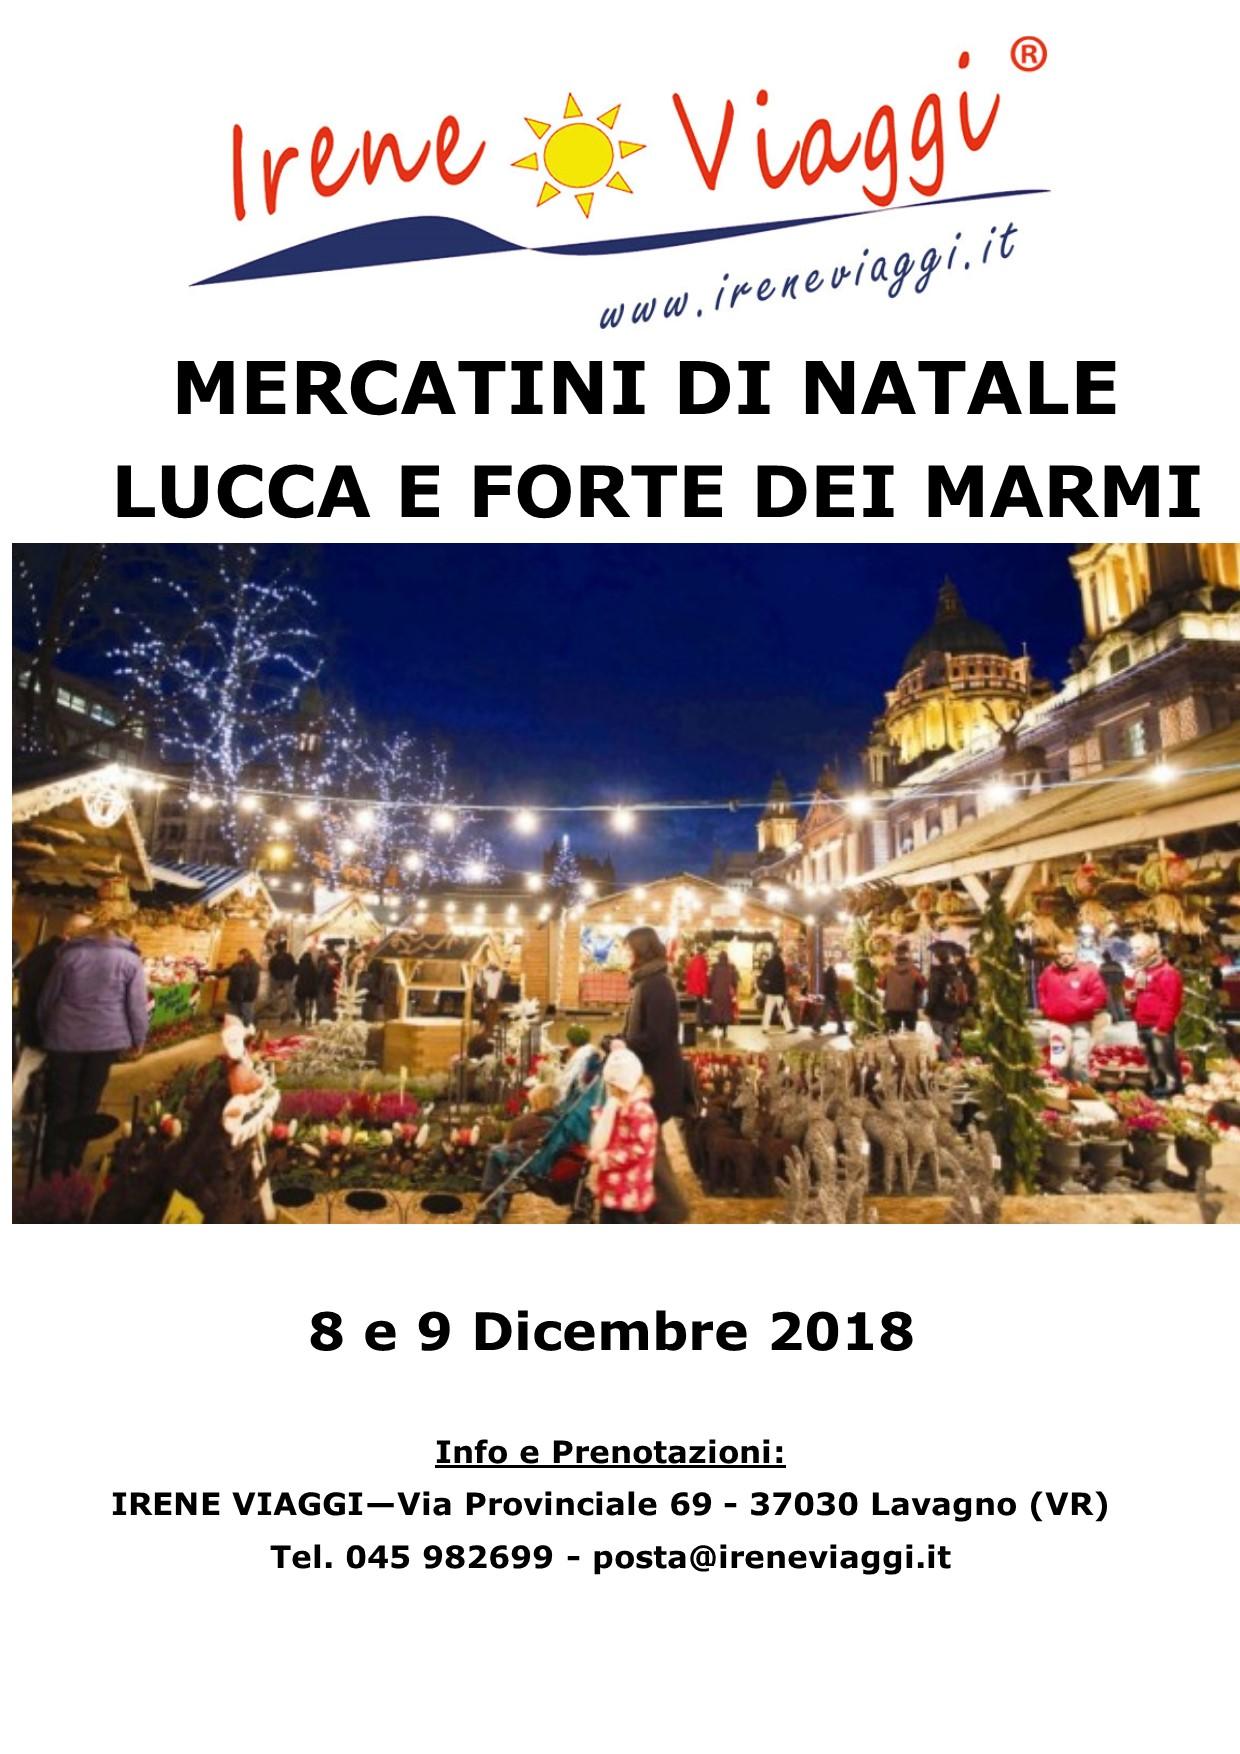 Lucca e Forte dei Marmi